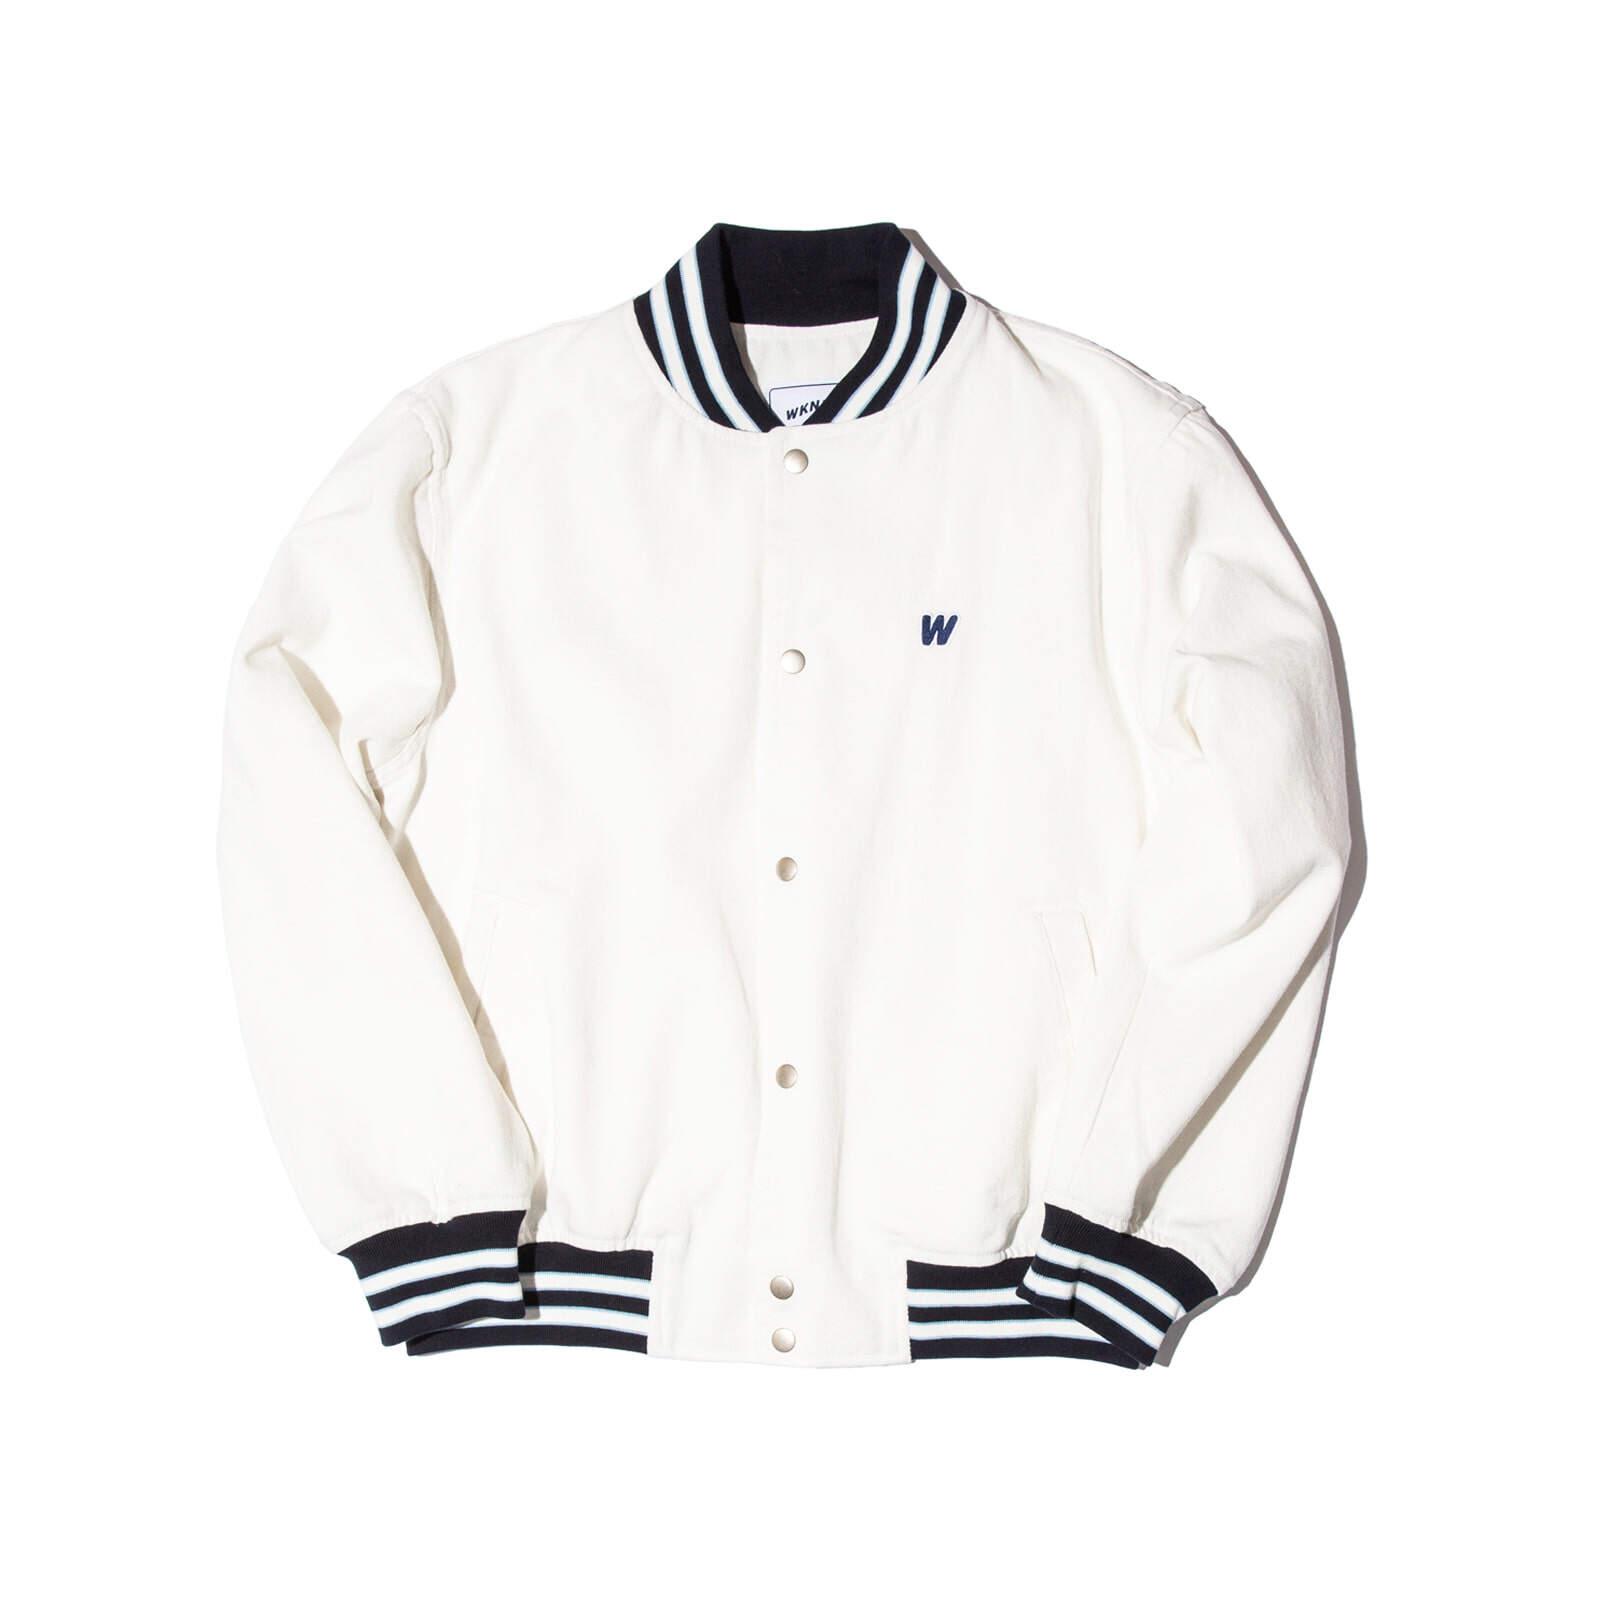 Aland  Wkndrs  White Jacket  เสื้อแจ็คเก็ตสีขาว.